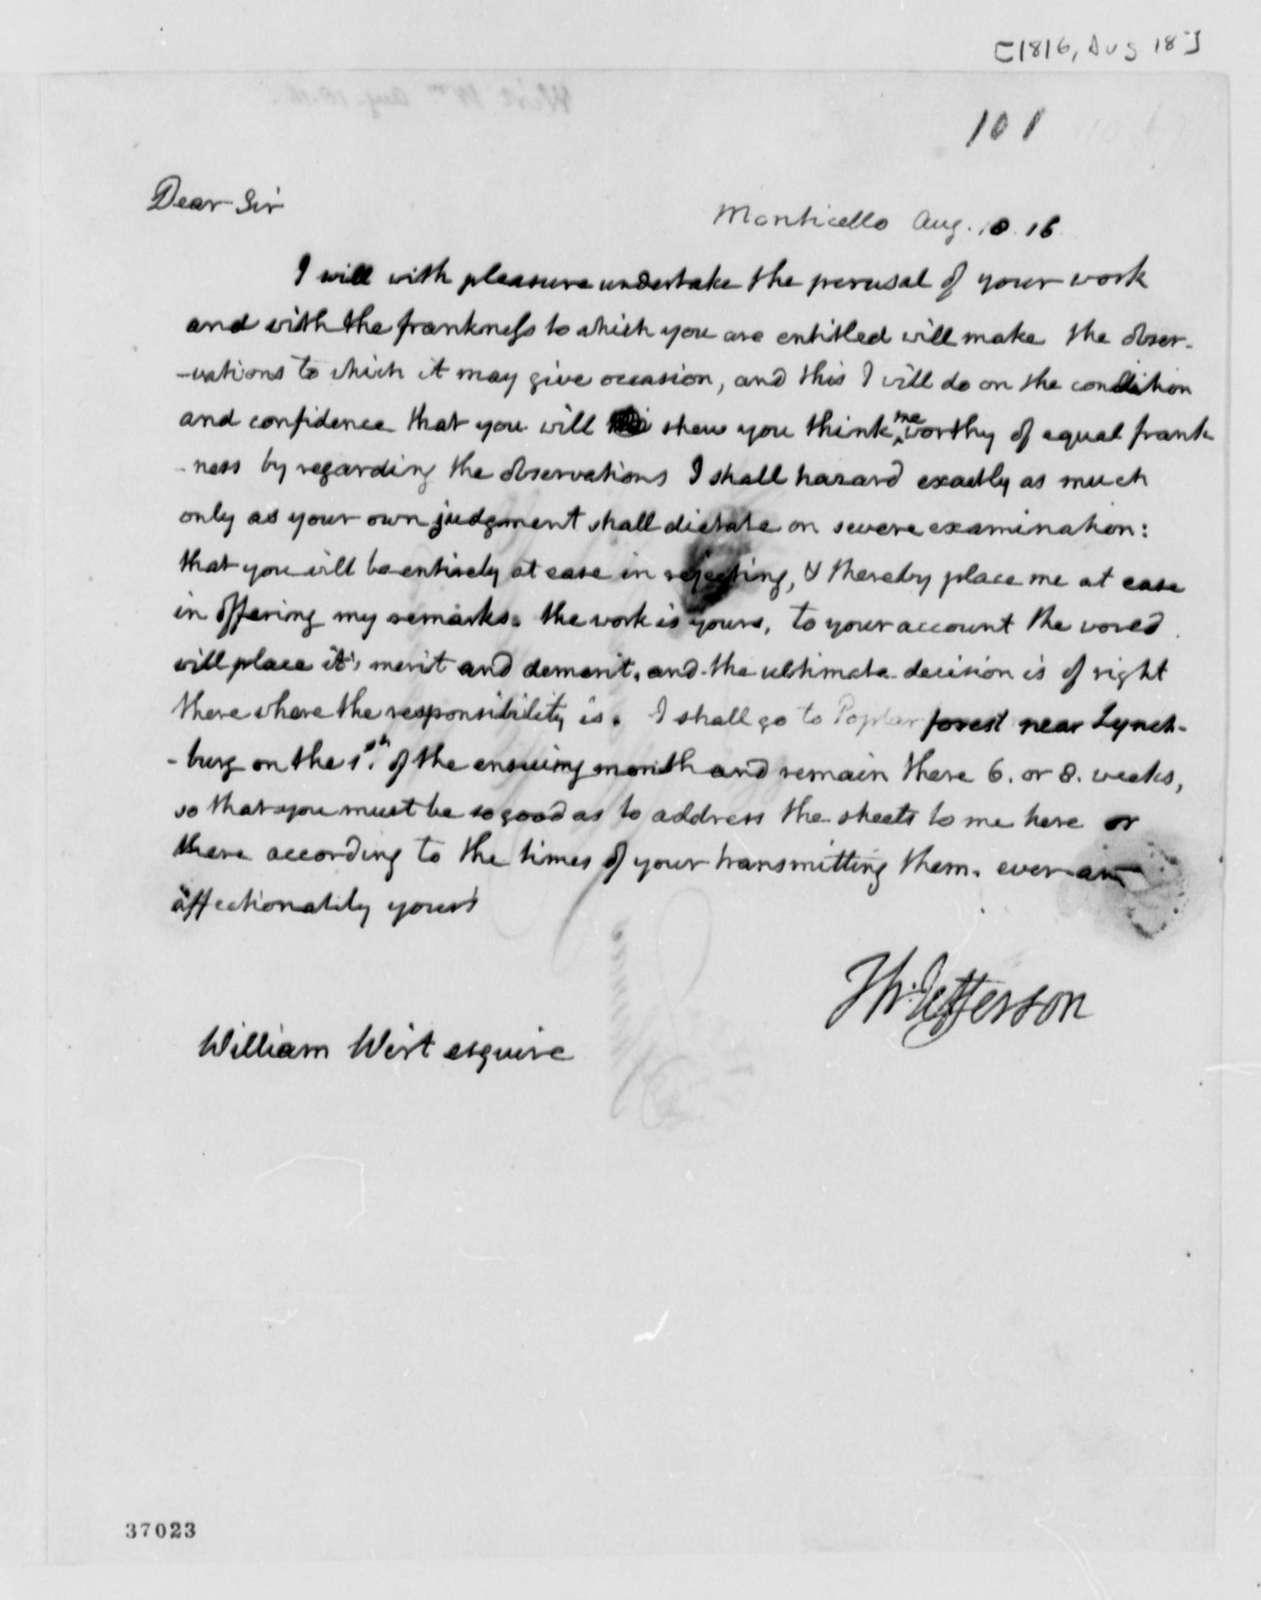 Thomas Jefferson to William Wirt, August 18, 1816